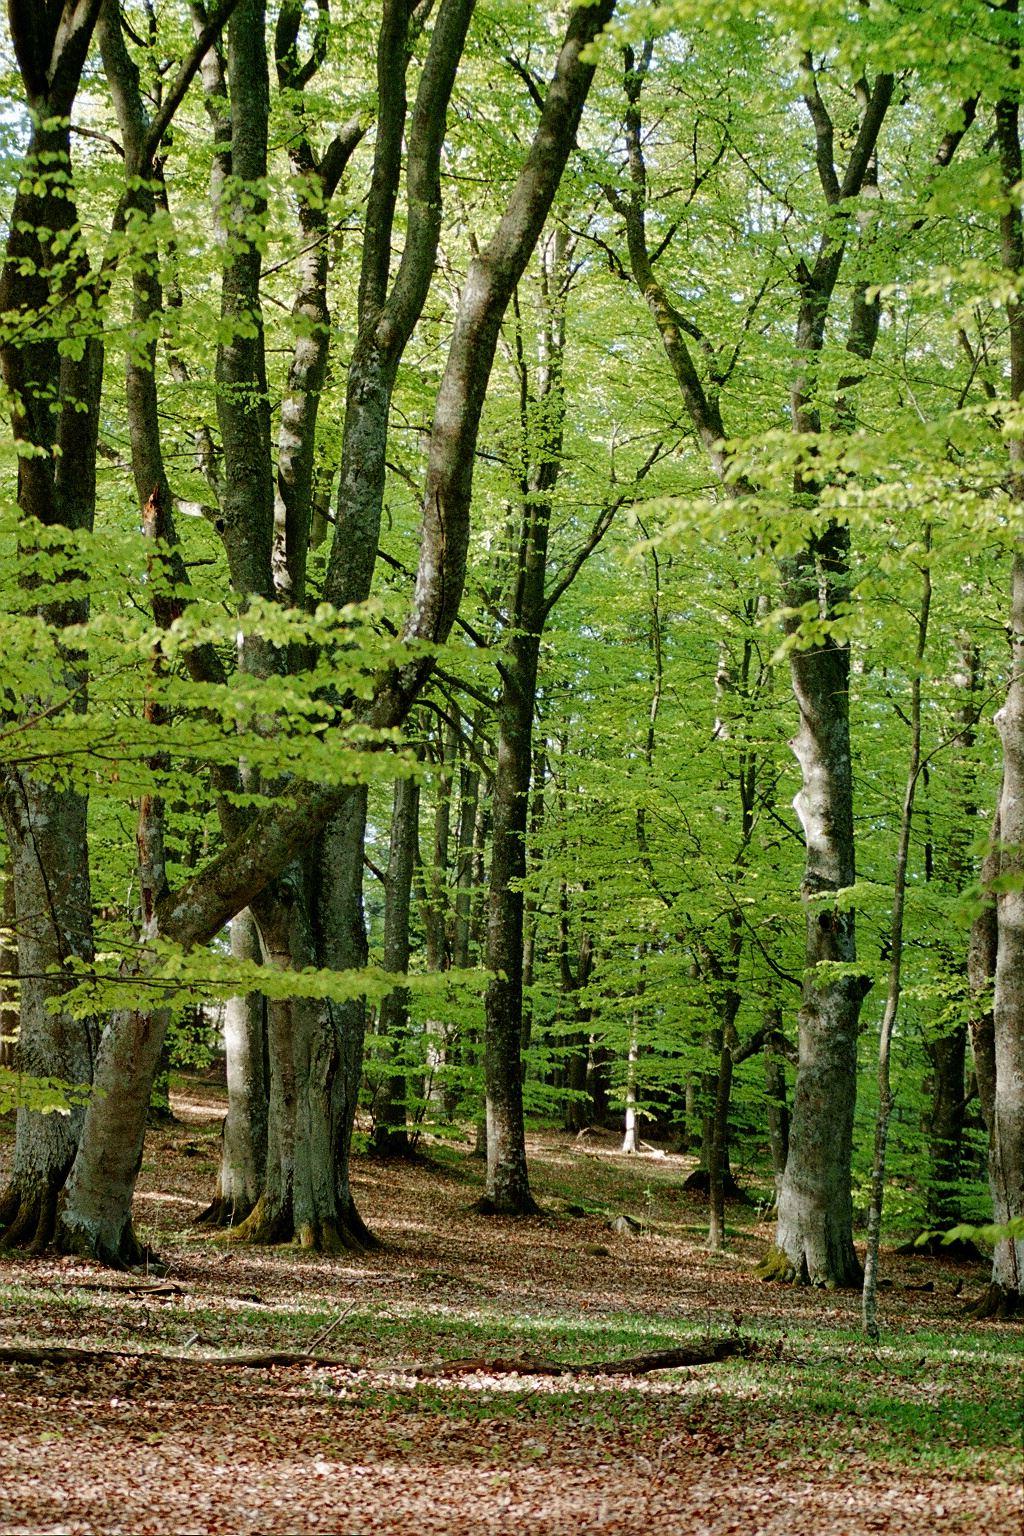 Torbjörn Ewermyr,  © Torbjörn Ewermyr, Stora Kärr beech forest